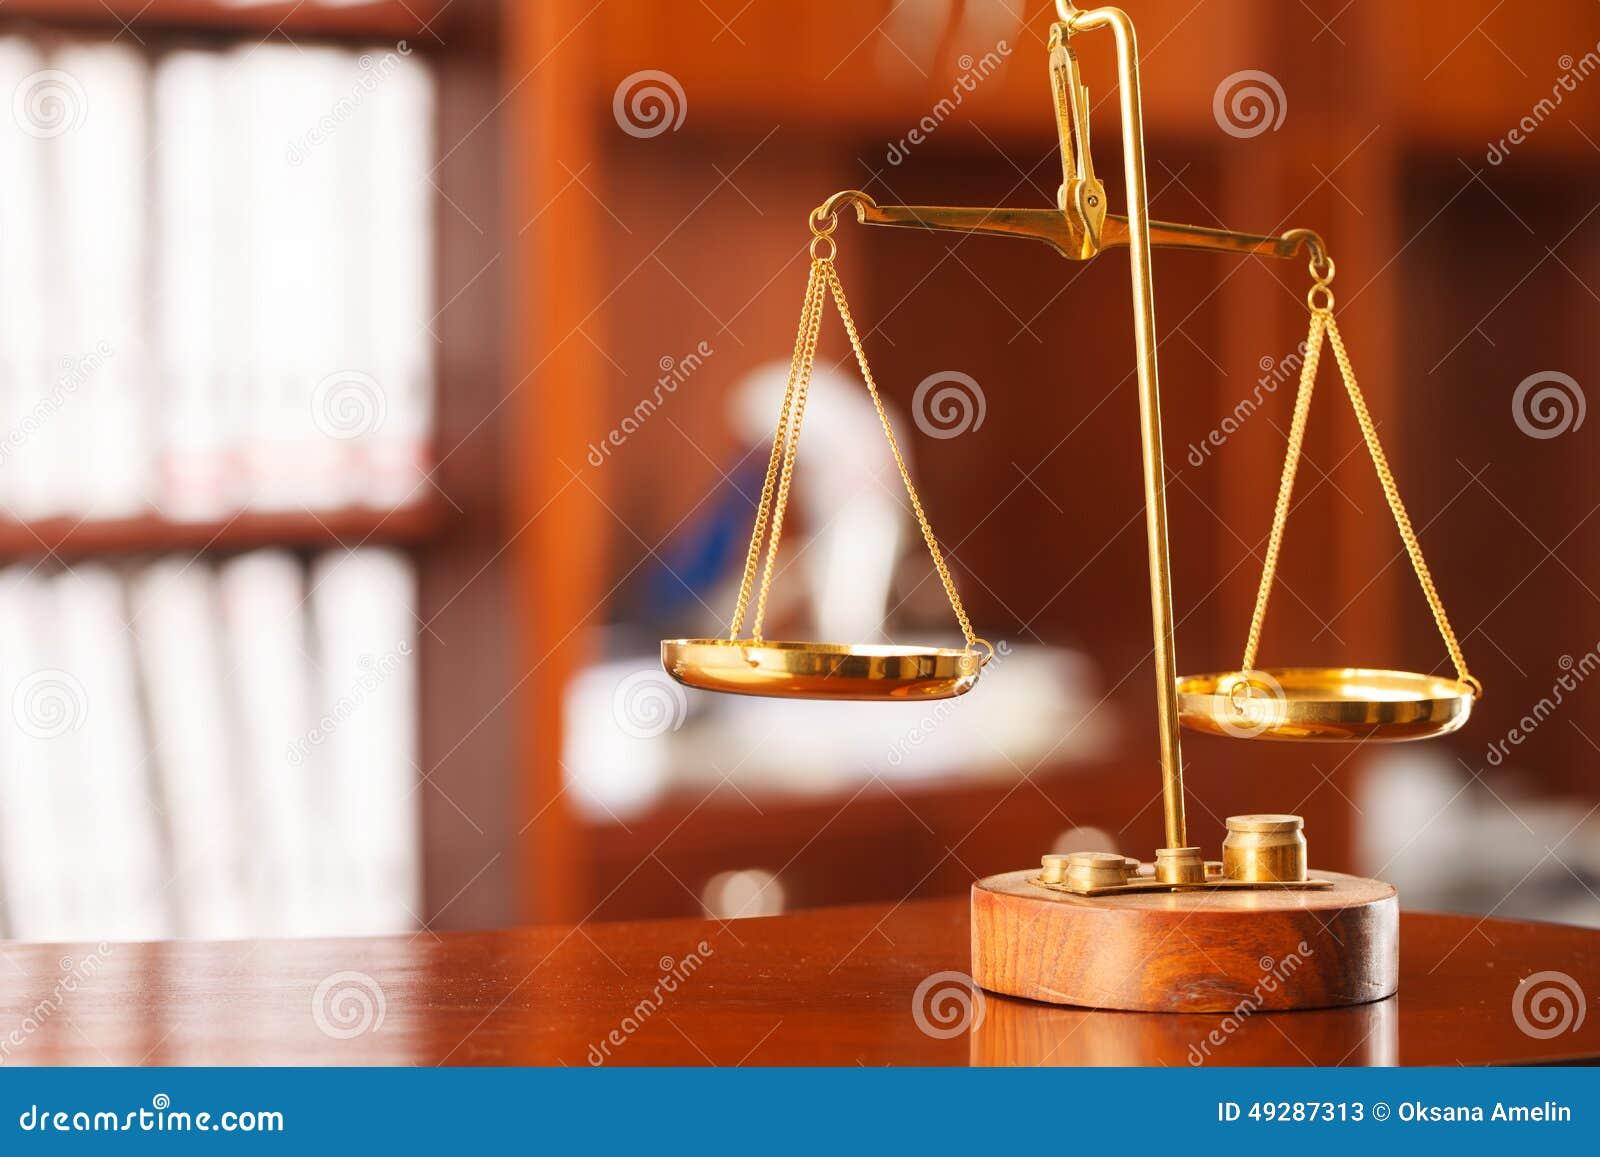 代表法律的符号_星星符号纹在身上代表什么_建筑图纸符号代表意思